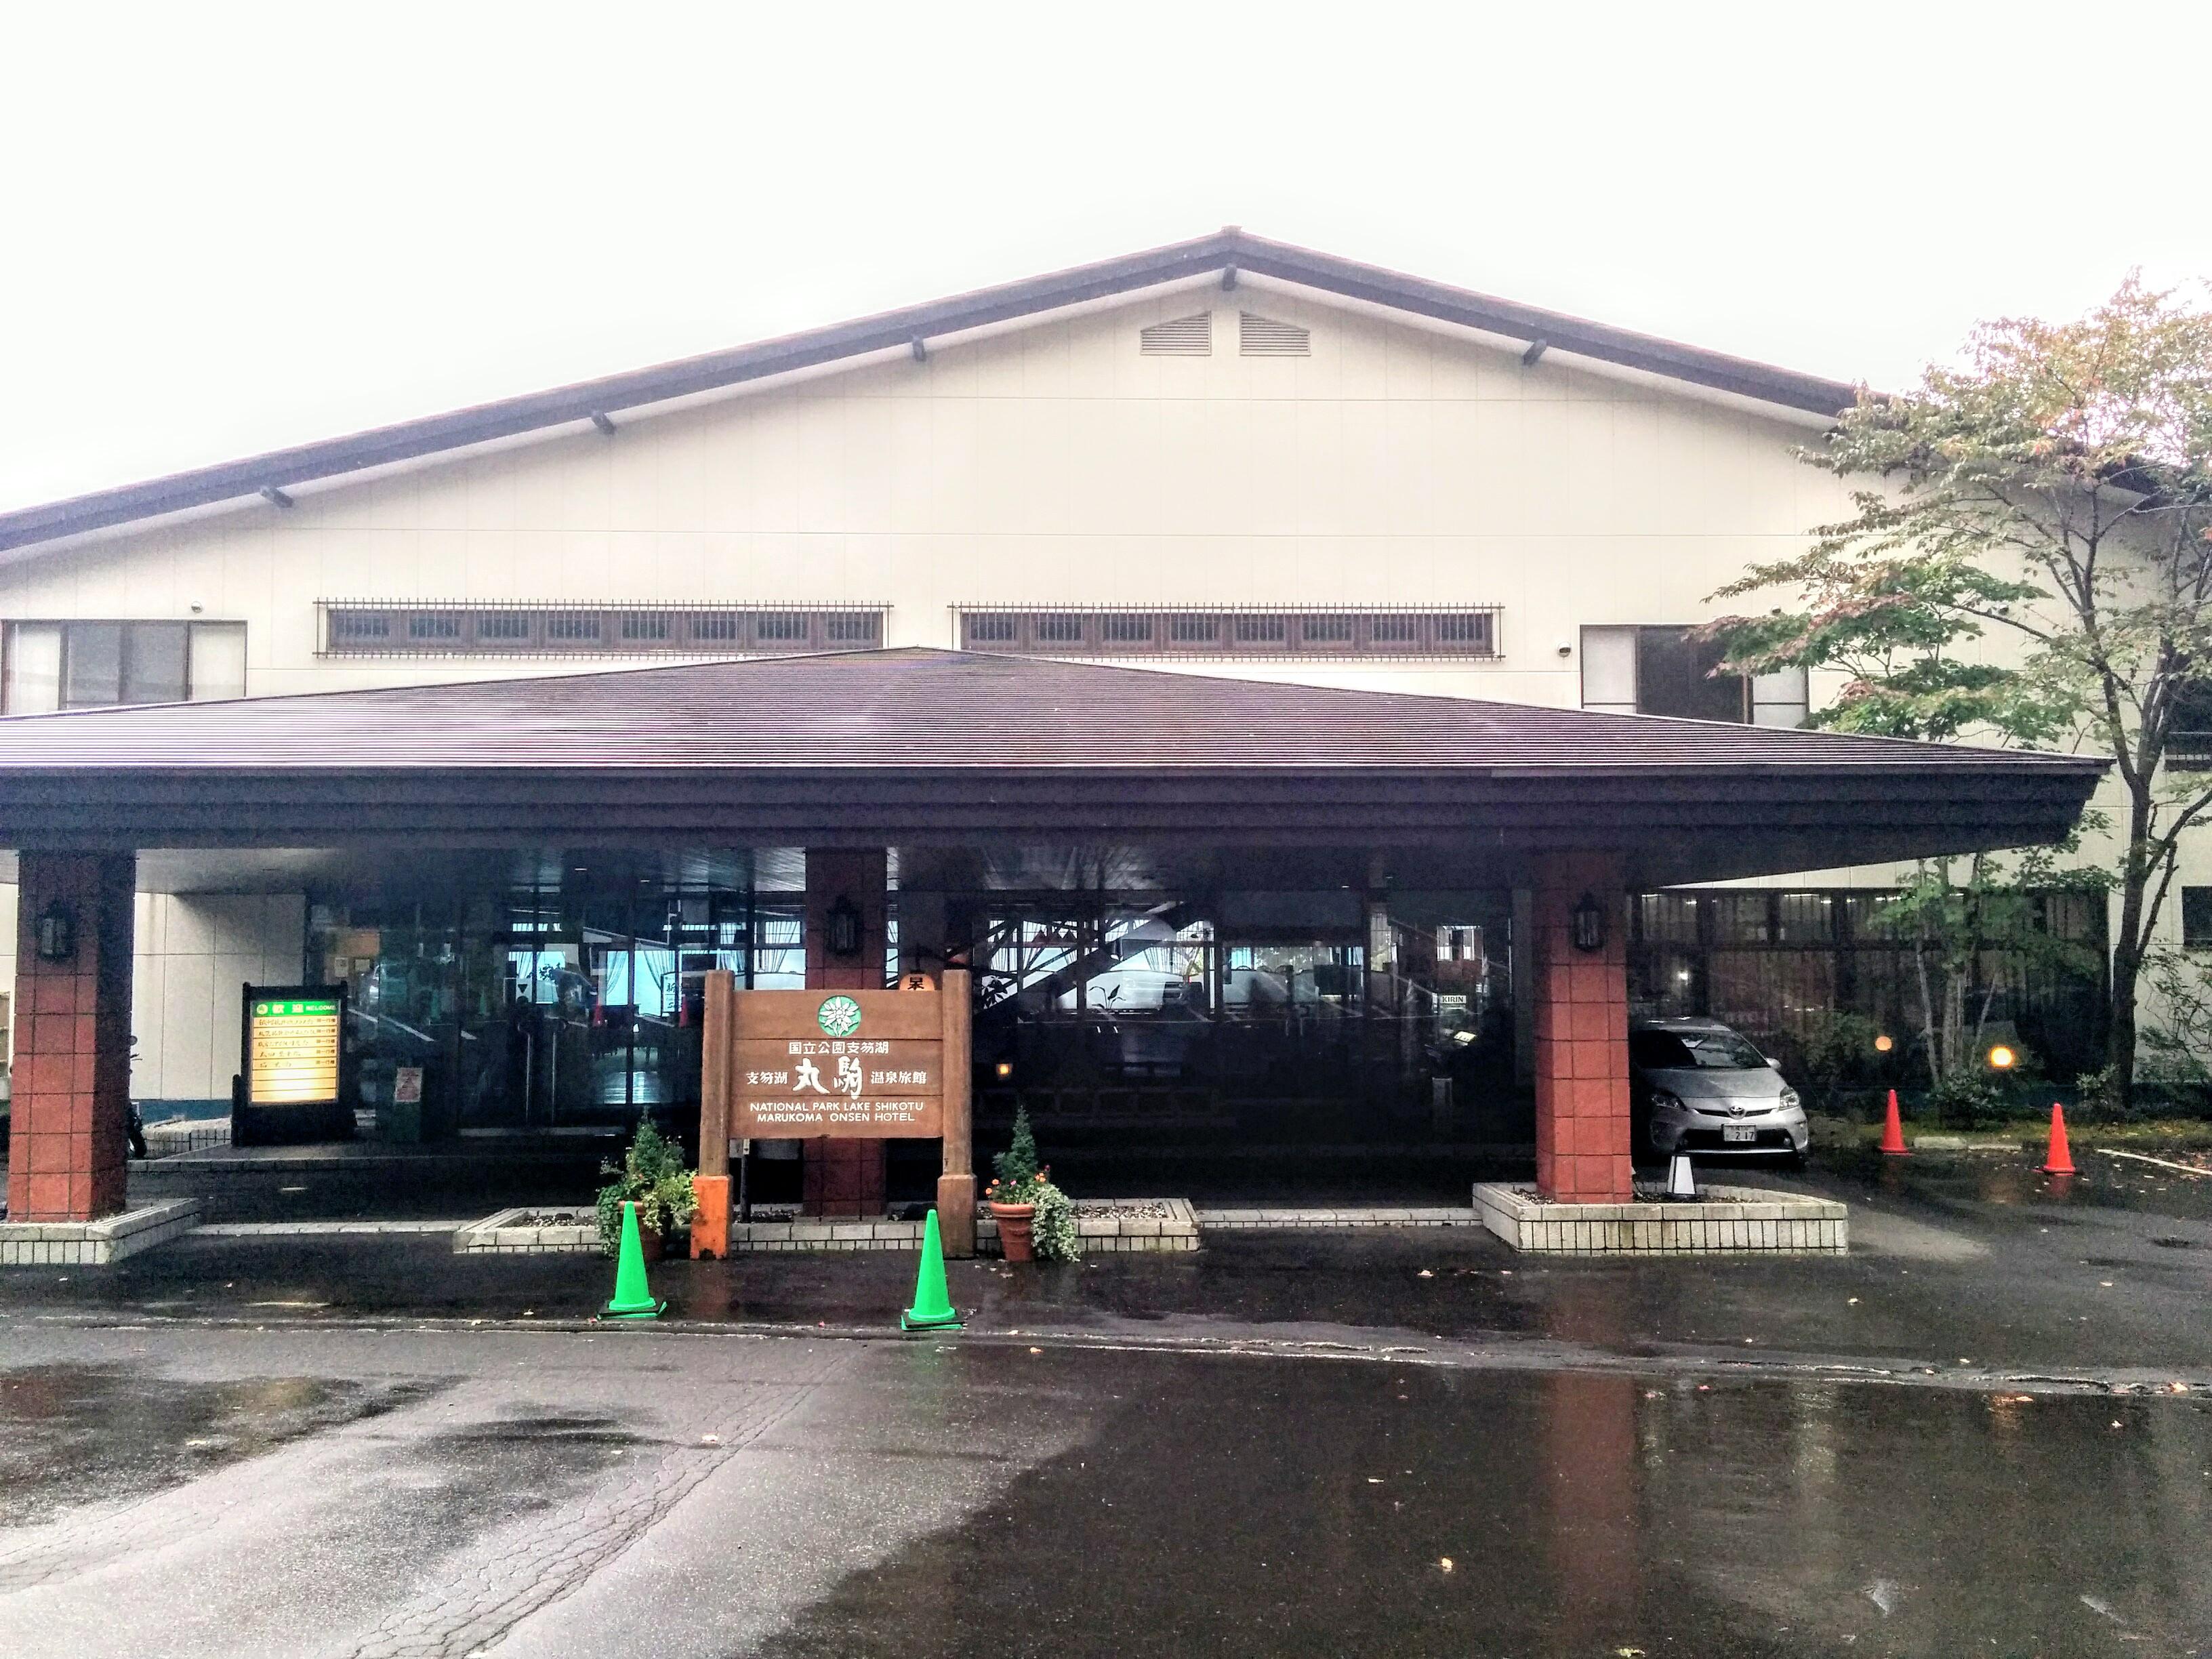 【支笏湖観光タクシー】湖畔の宿支笏湖丸駒温泉旅館に来ています。